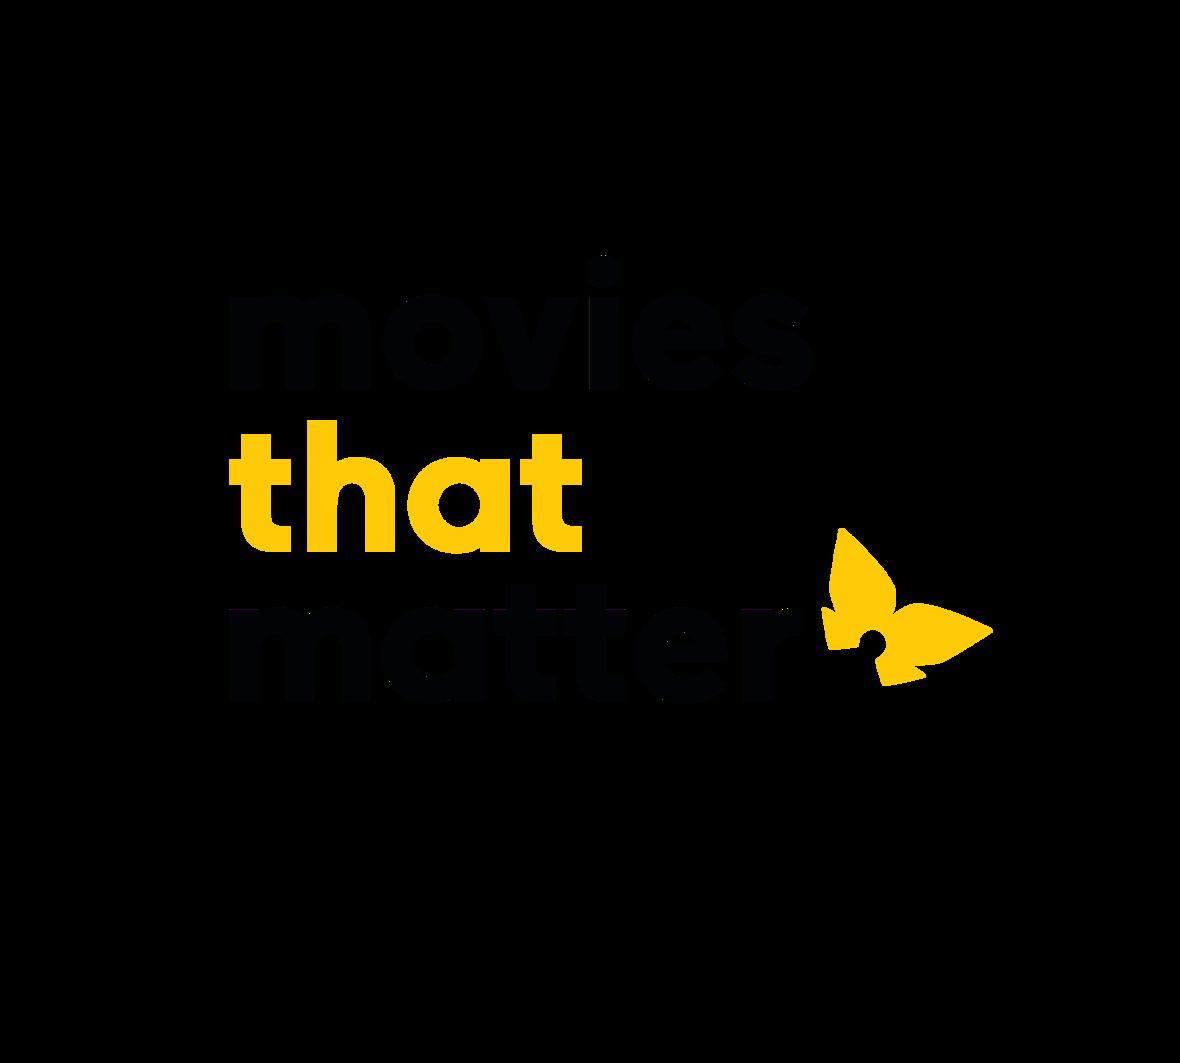 logo-movies-that-matter 1